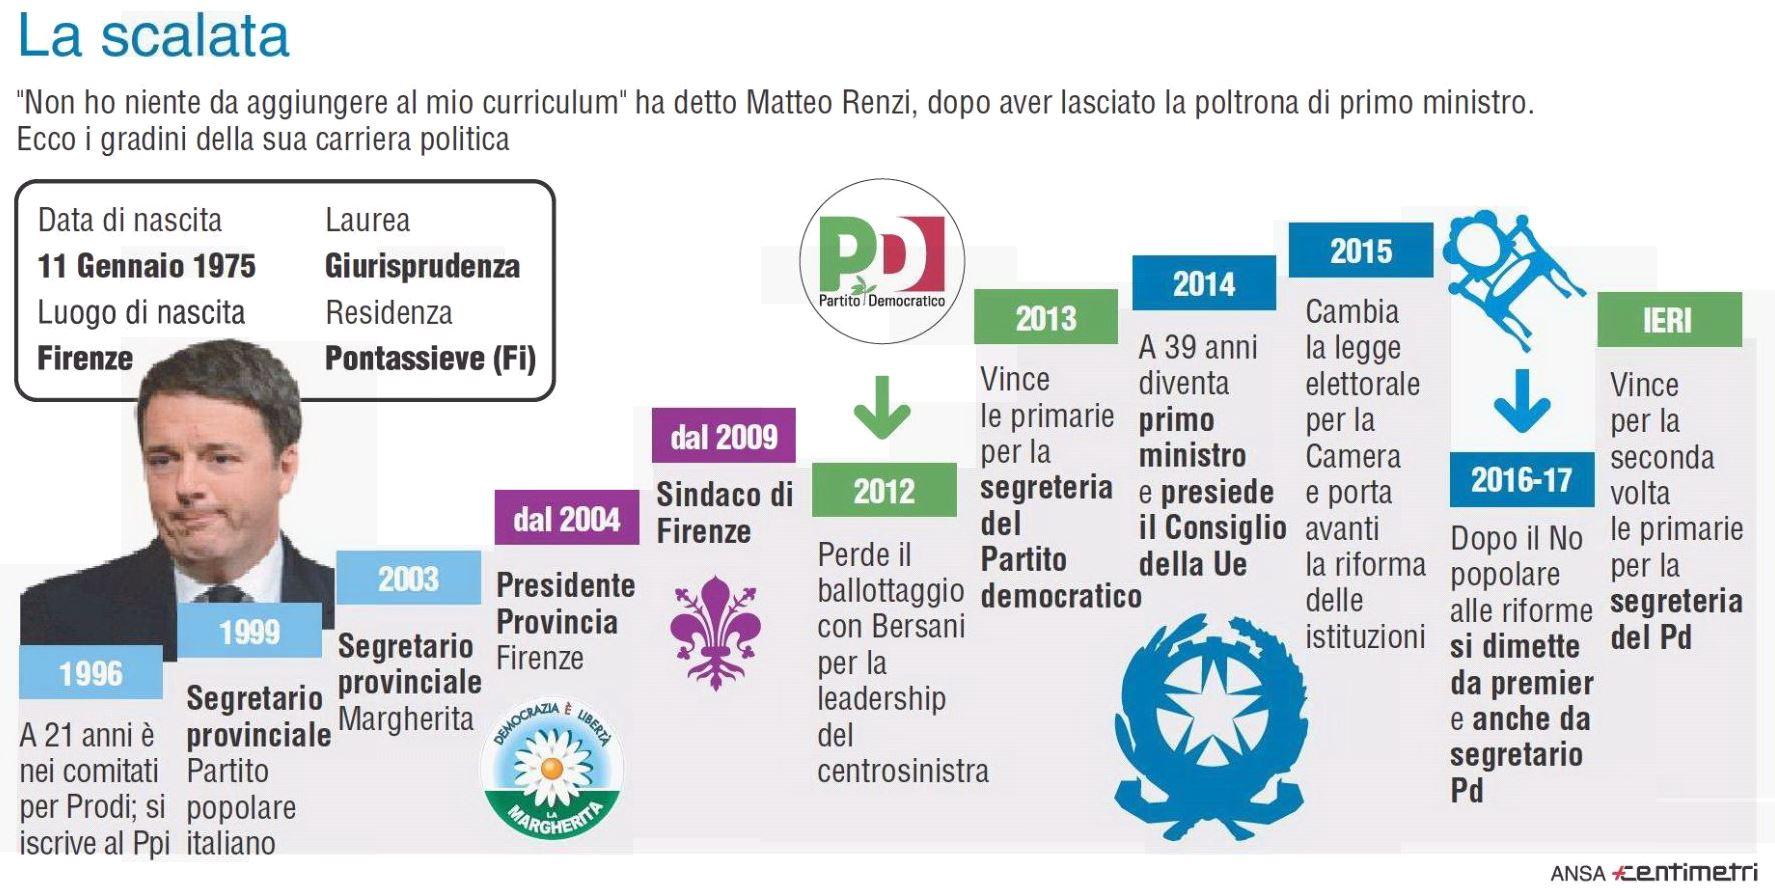 Risultati Primarie Pd Ai Seggi Quasi 2 Milioni Di Persone Renzi